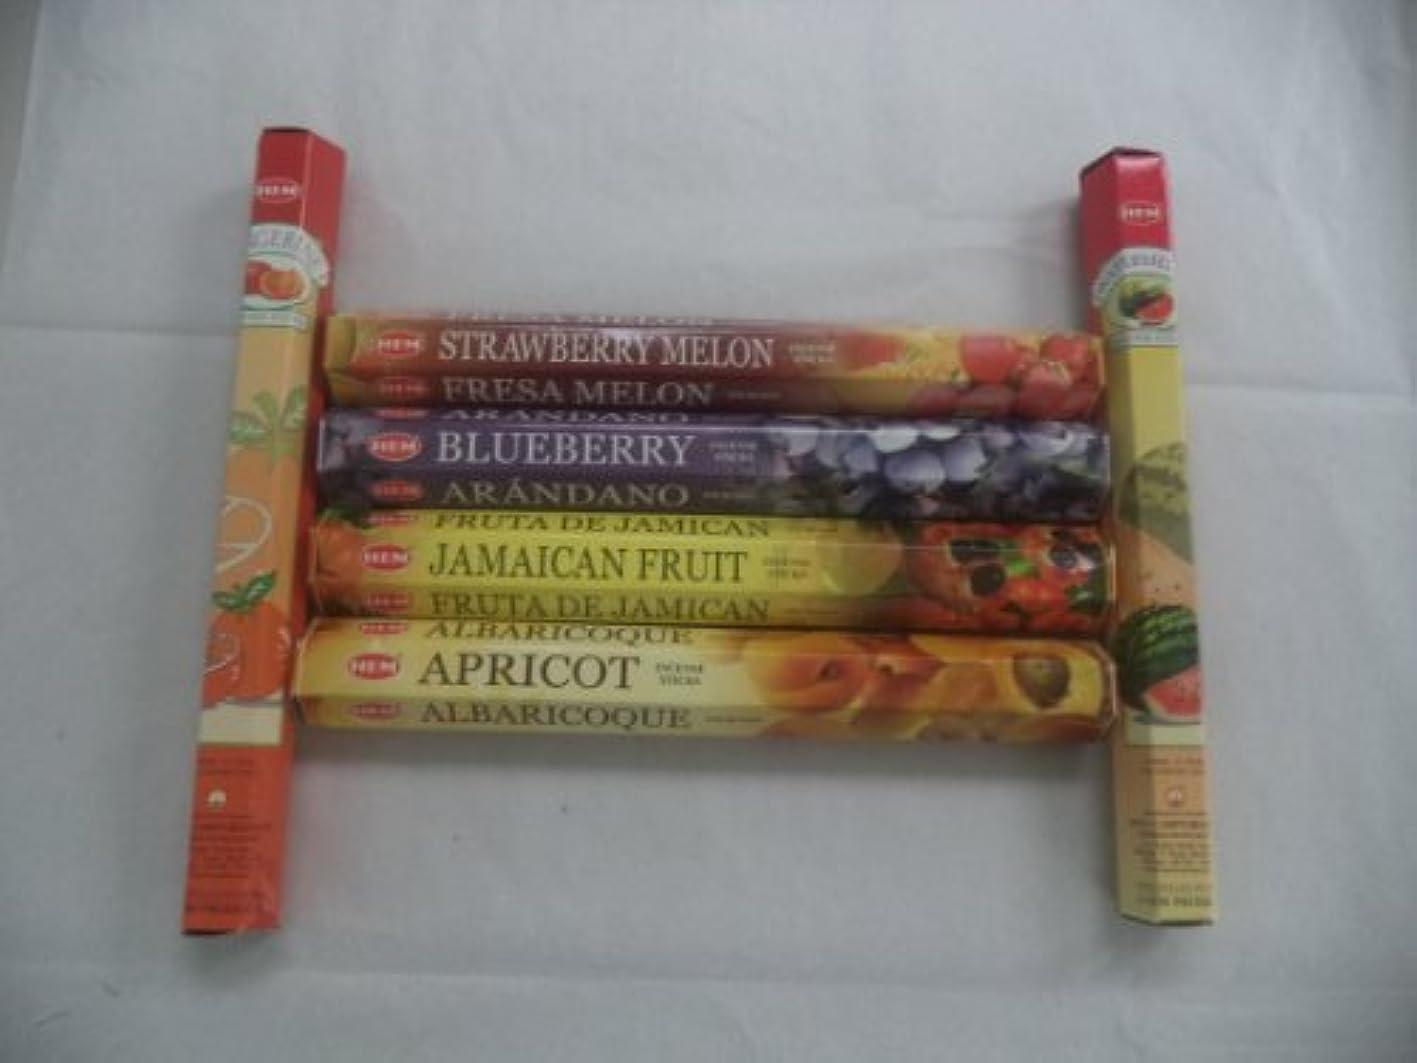 すぐに柔和秋Hem Fruitさまざまなお香セット6 x 20 = 120 Sticksさまざまなギフトパック